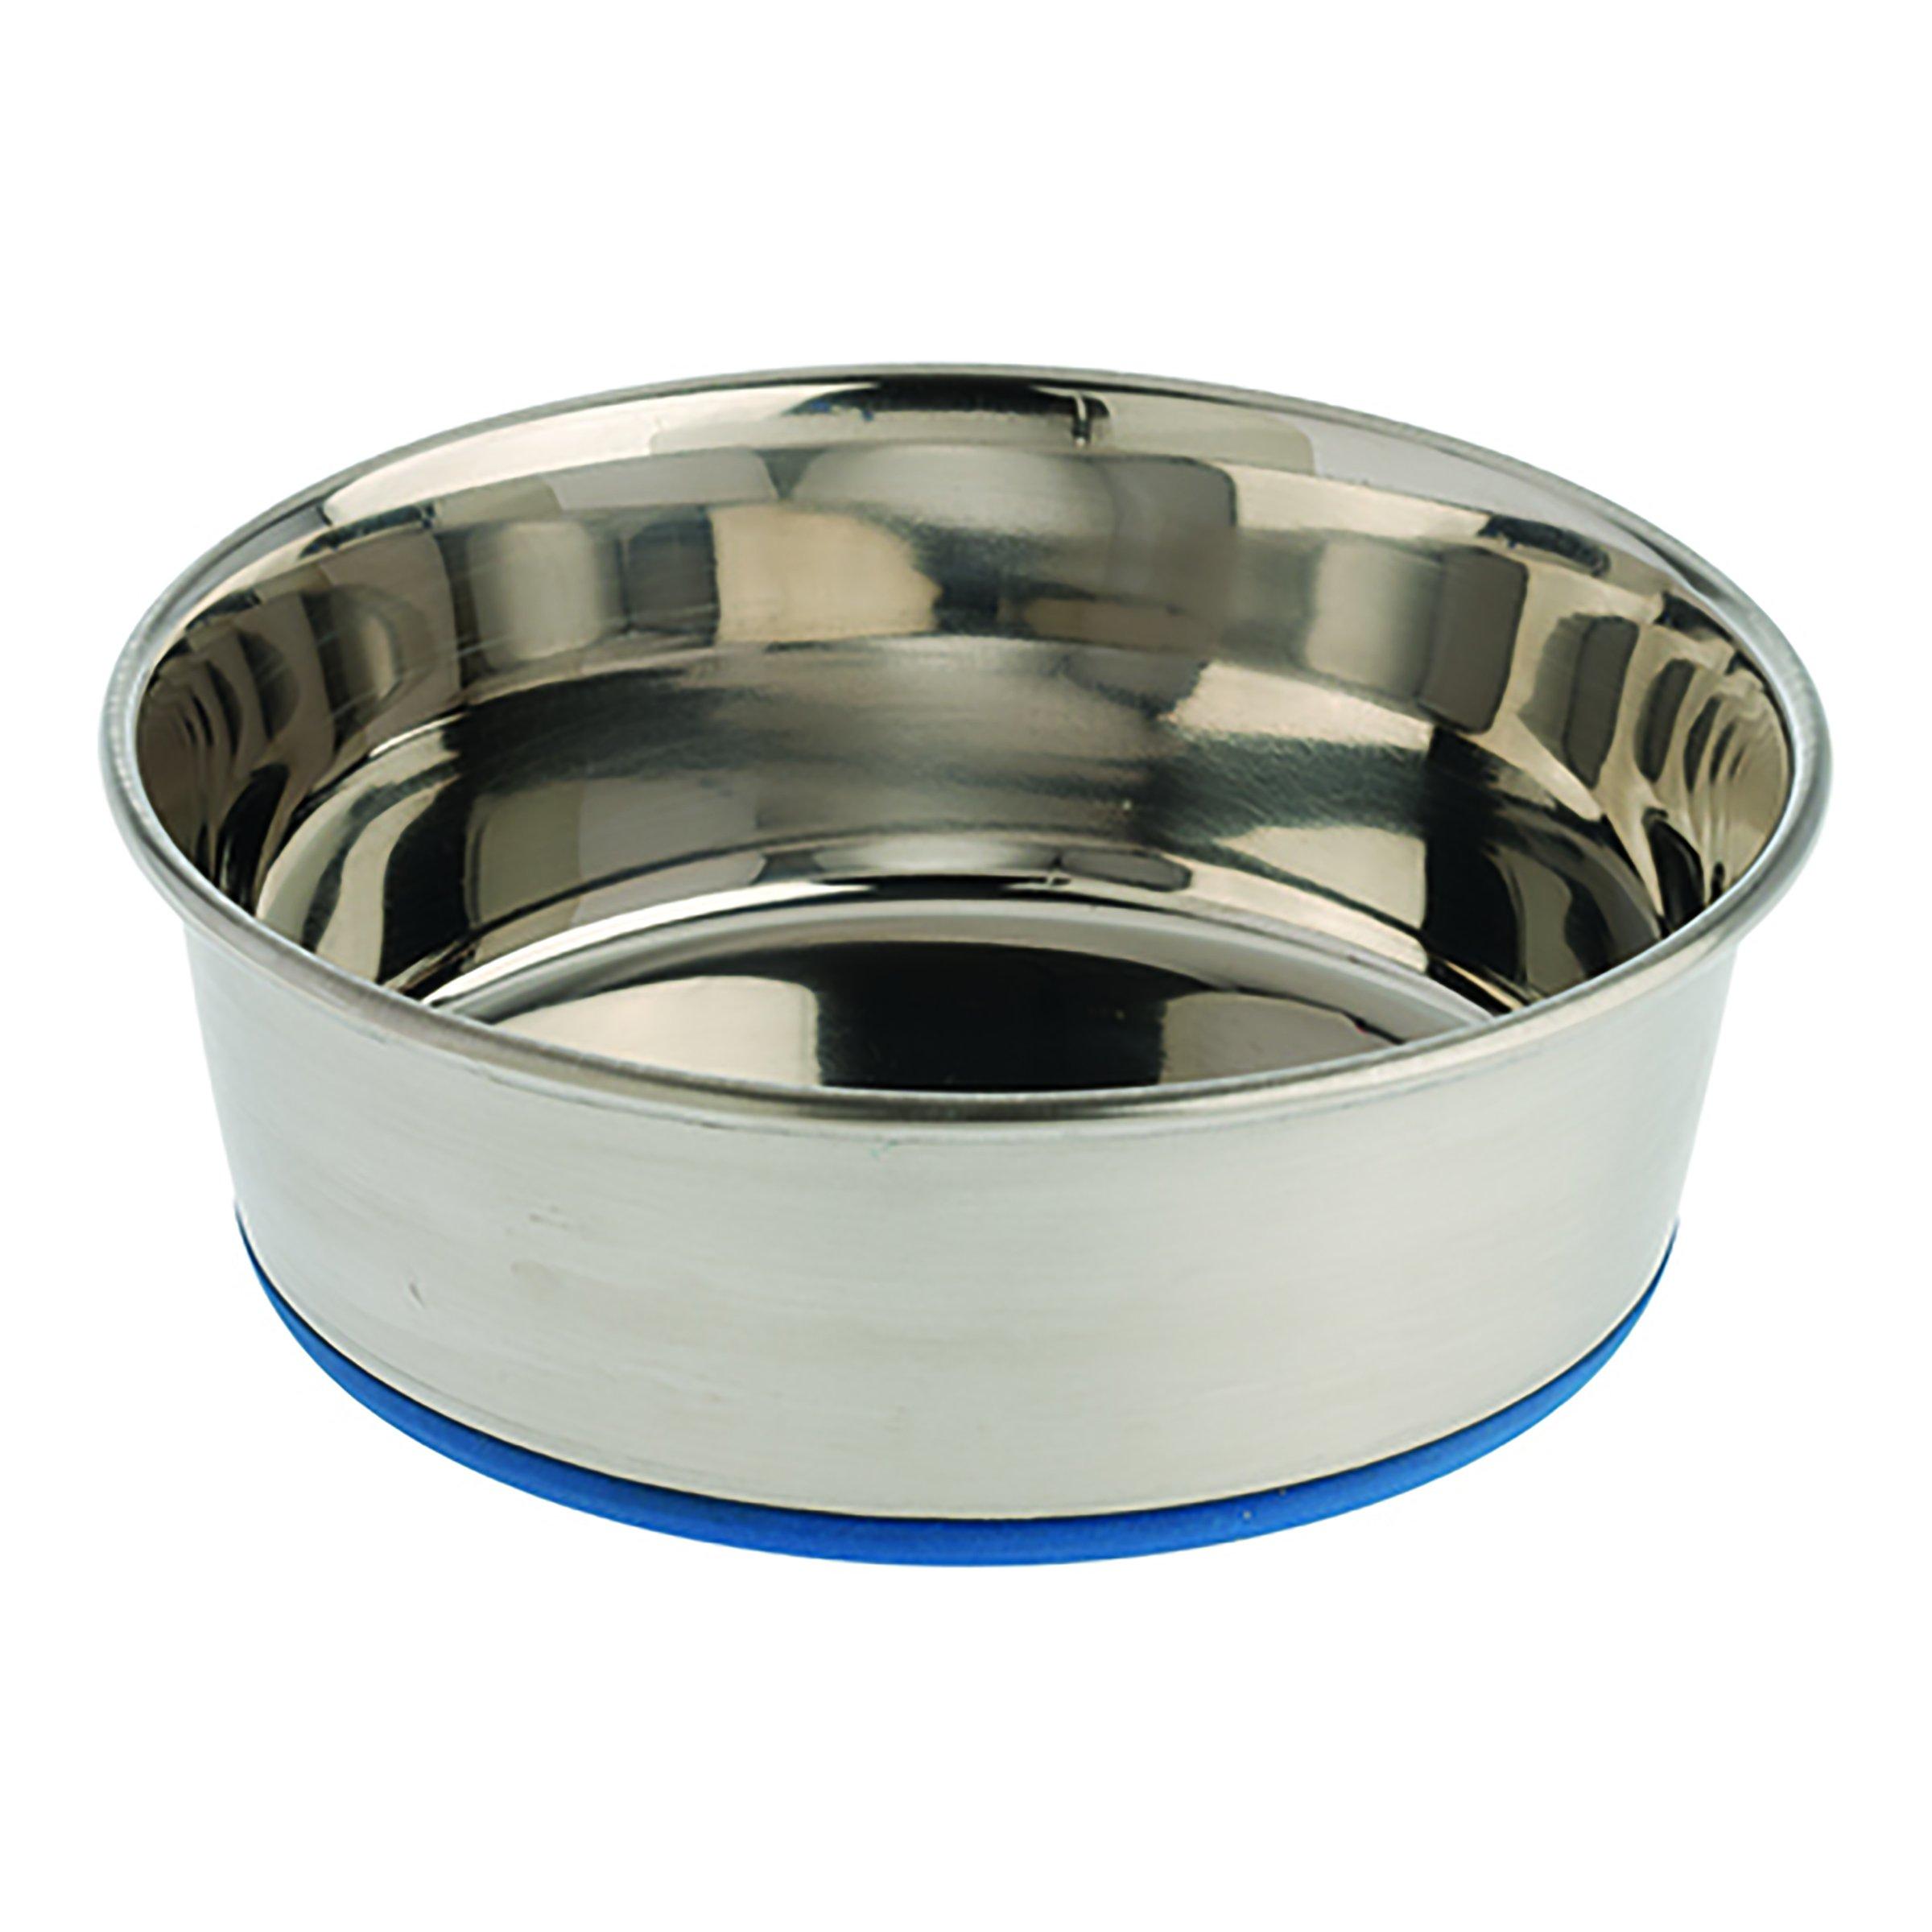 Our Pets Premium DuraPet Bowl 2qt